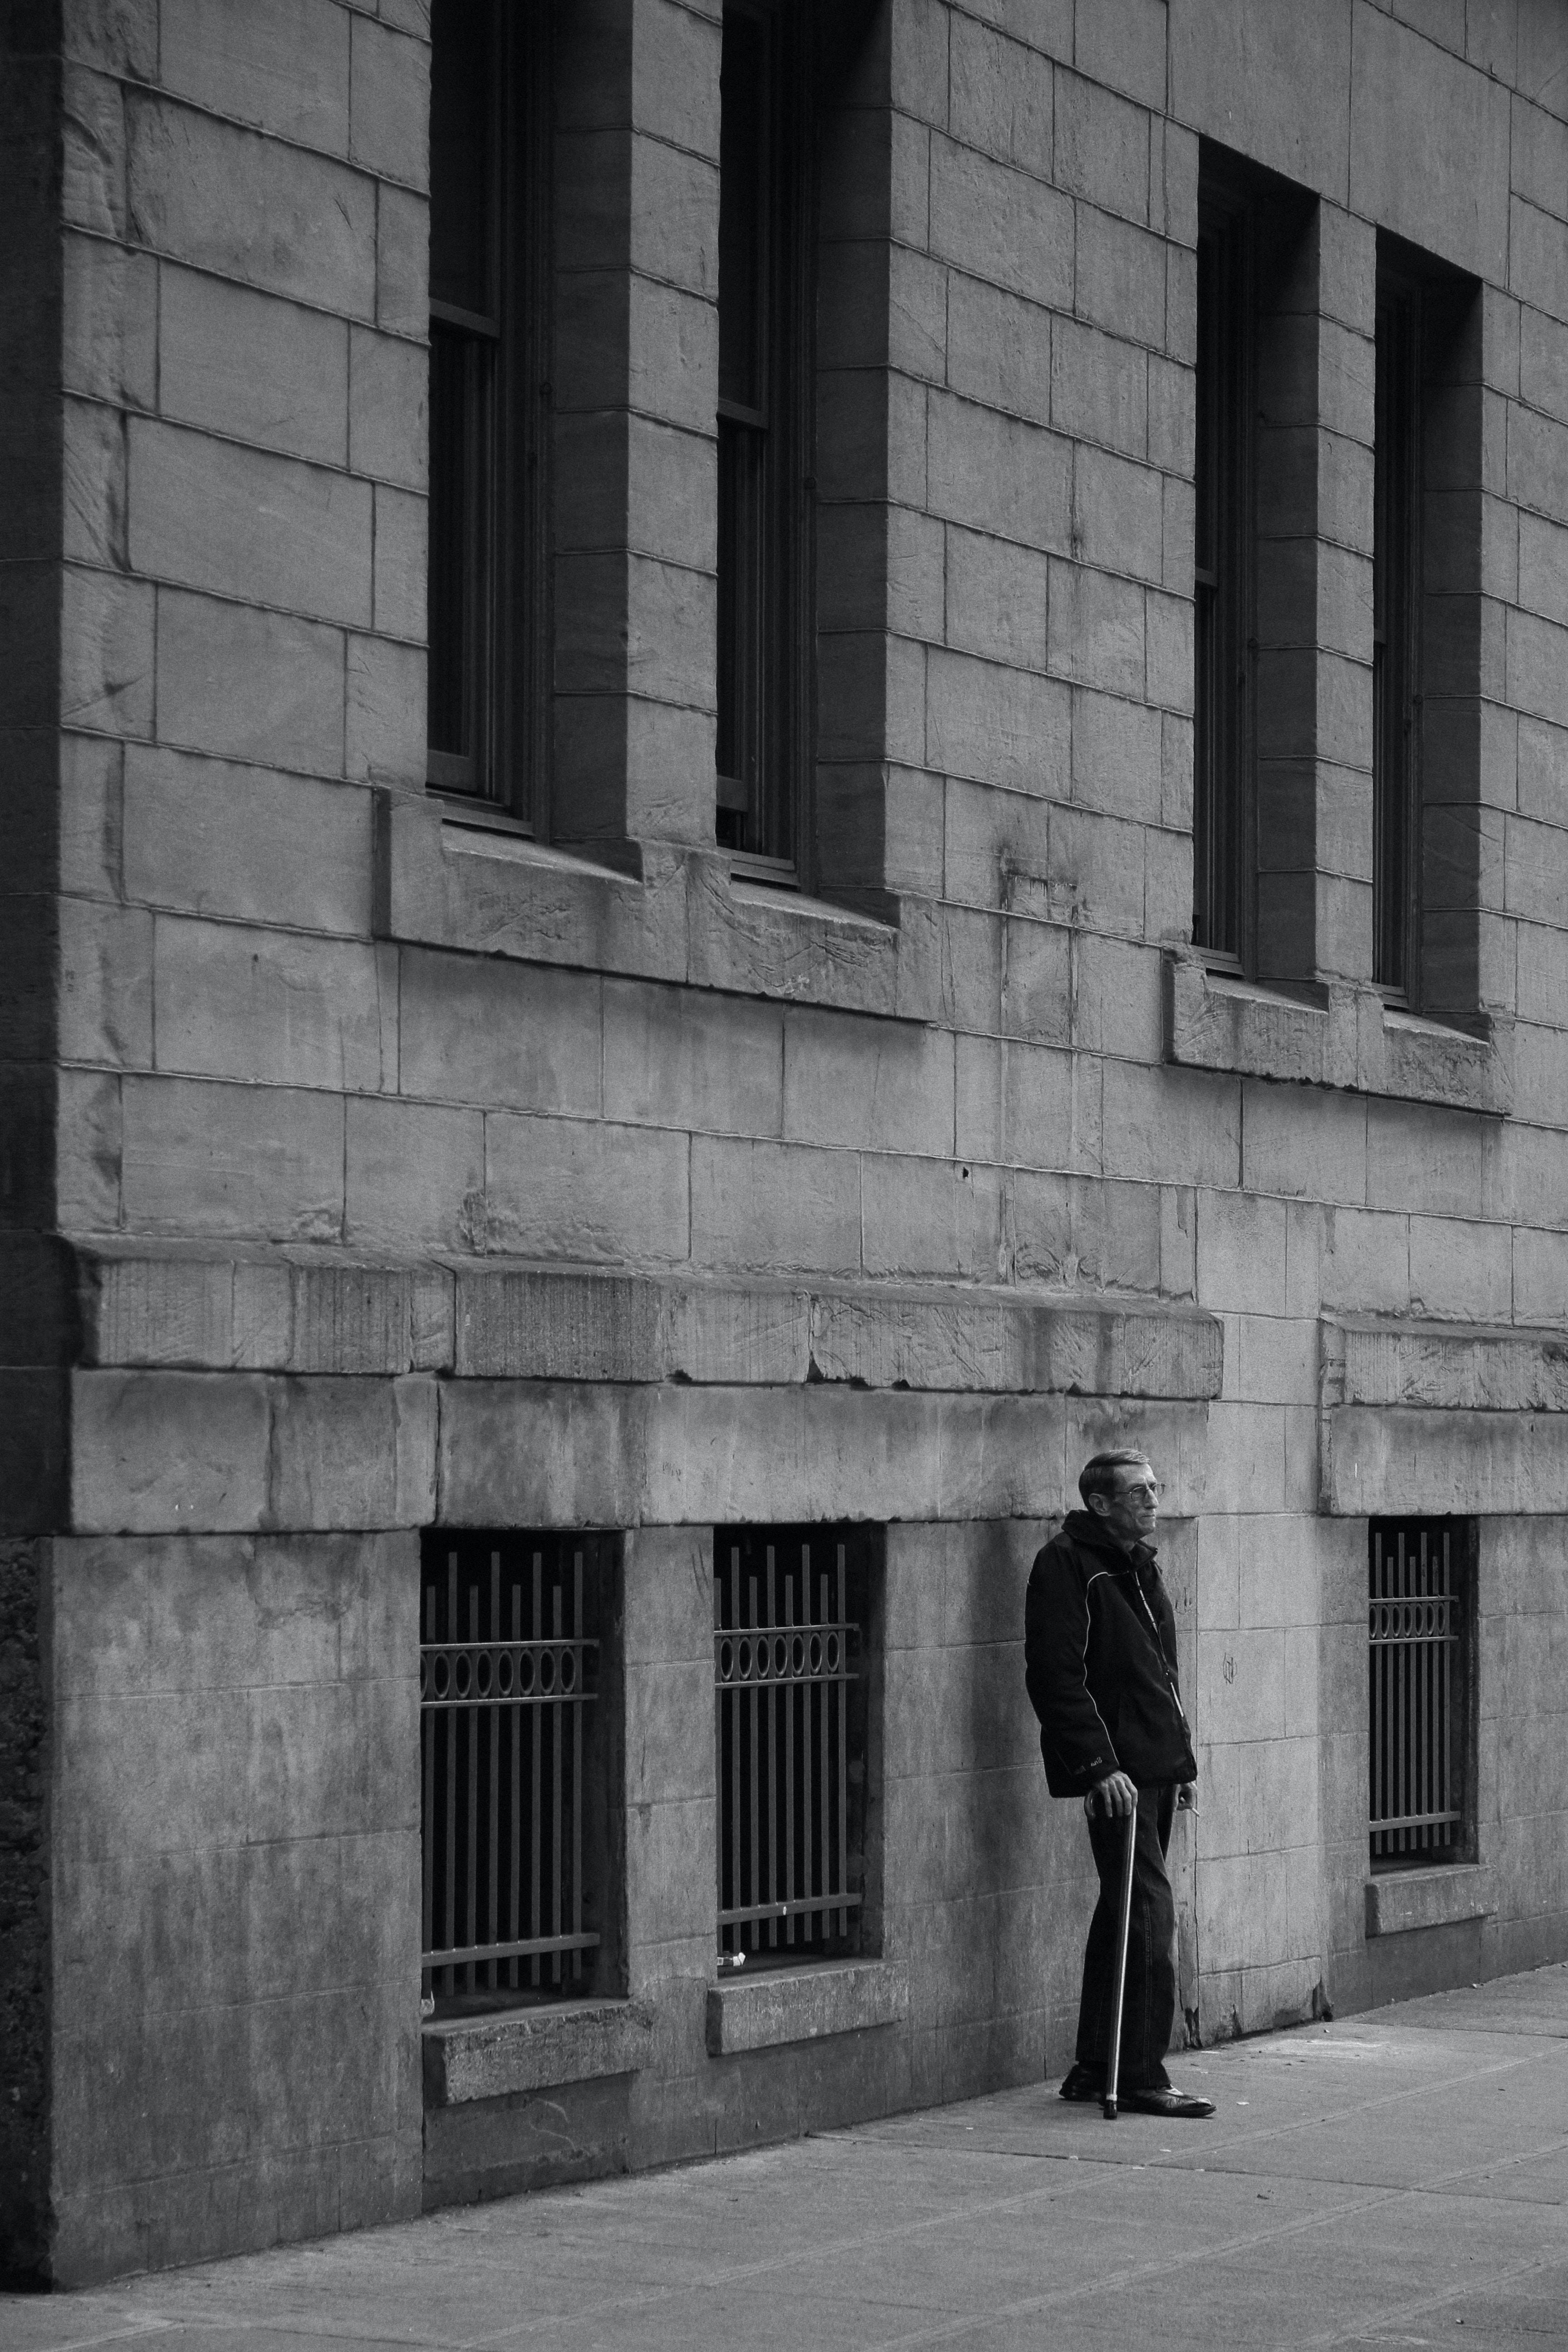 man standing near a wall